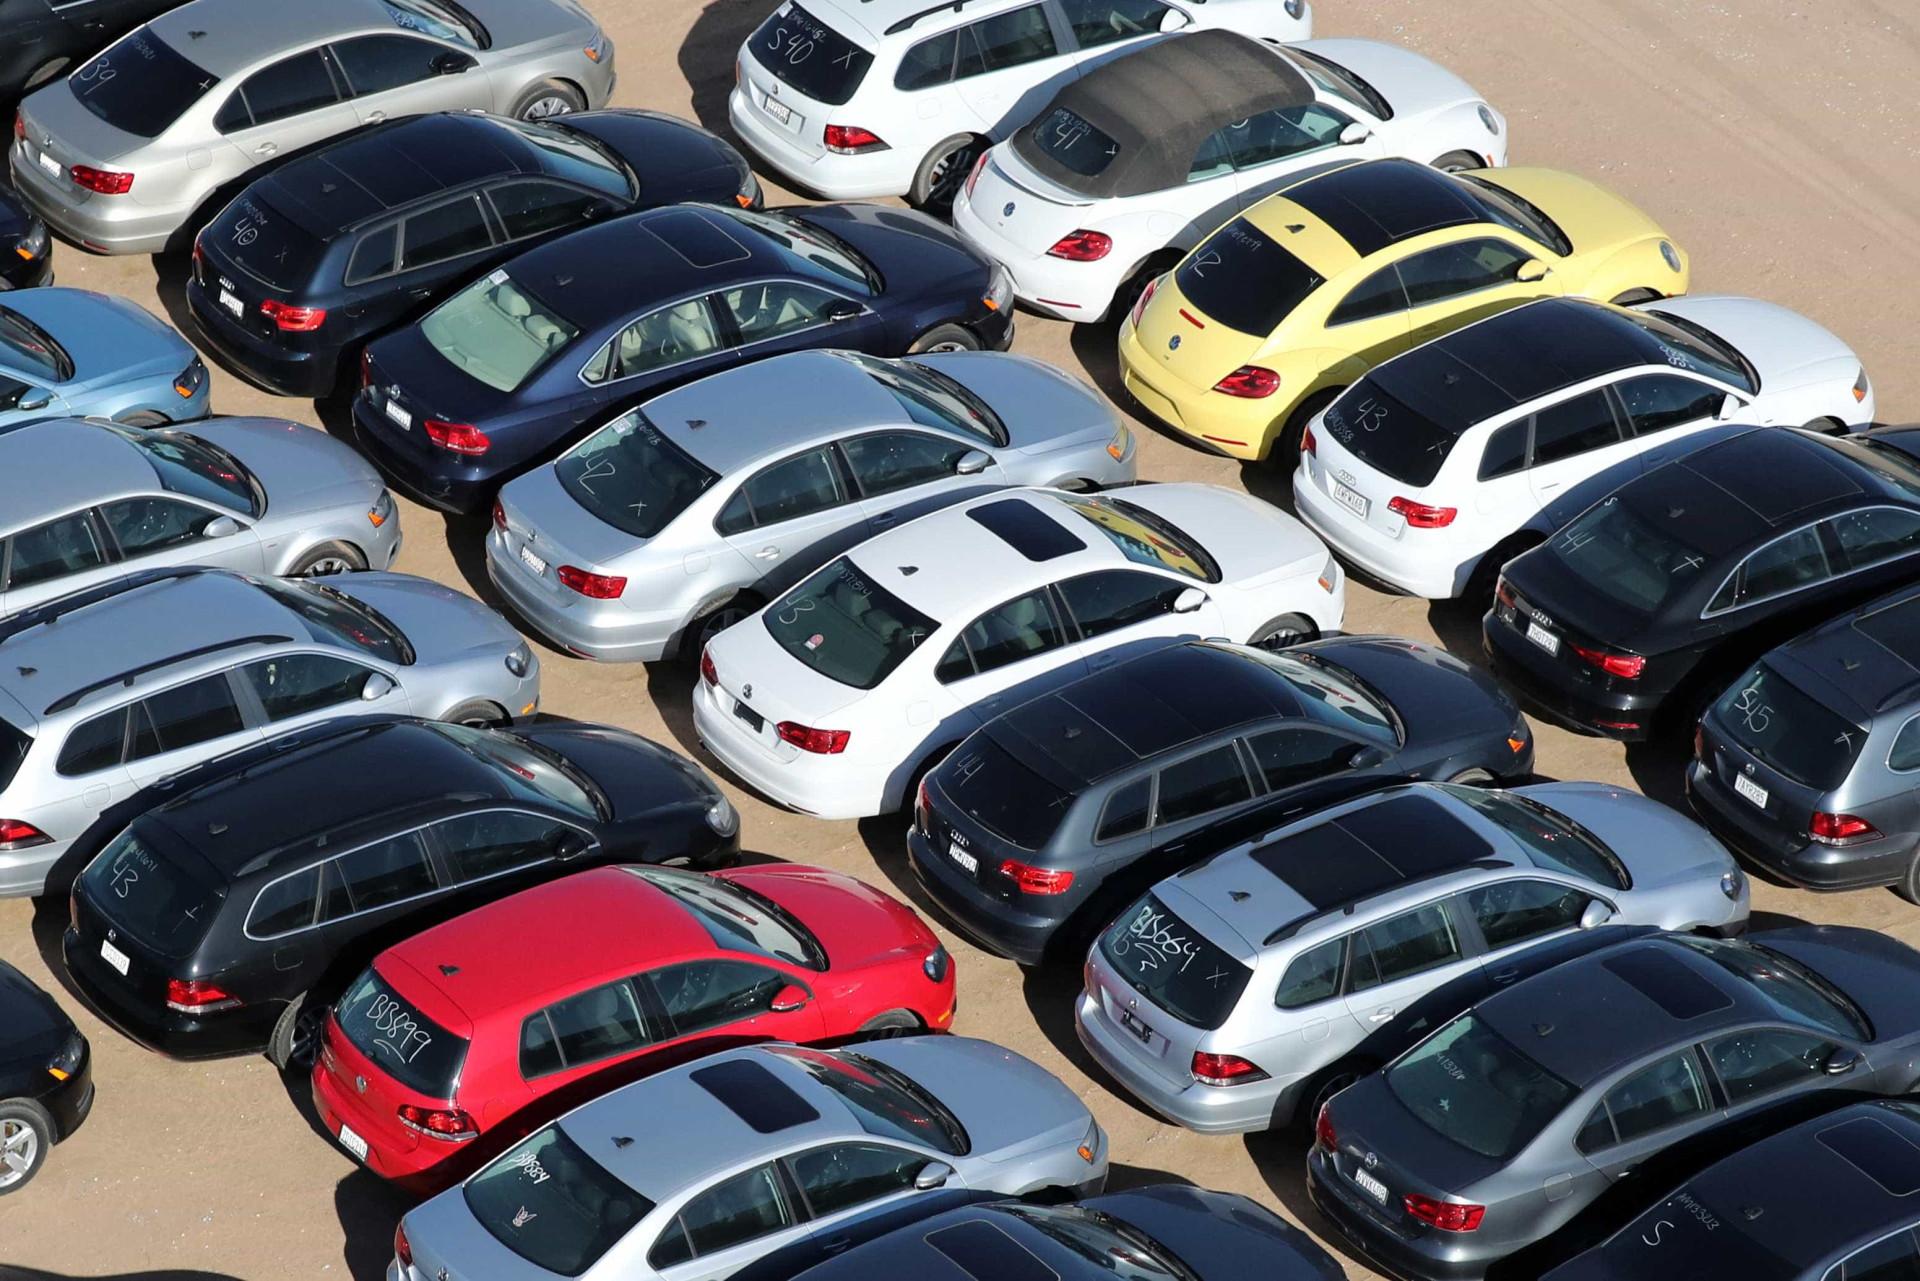 Recorda-se do escândalo da Volkswagen? Veja o que é feito dos carros